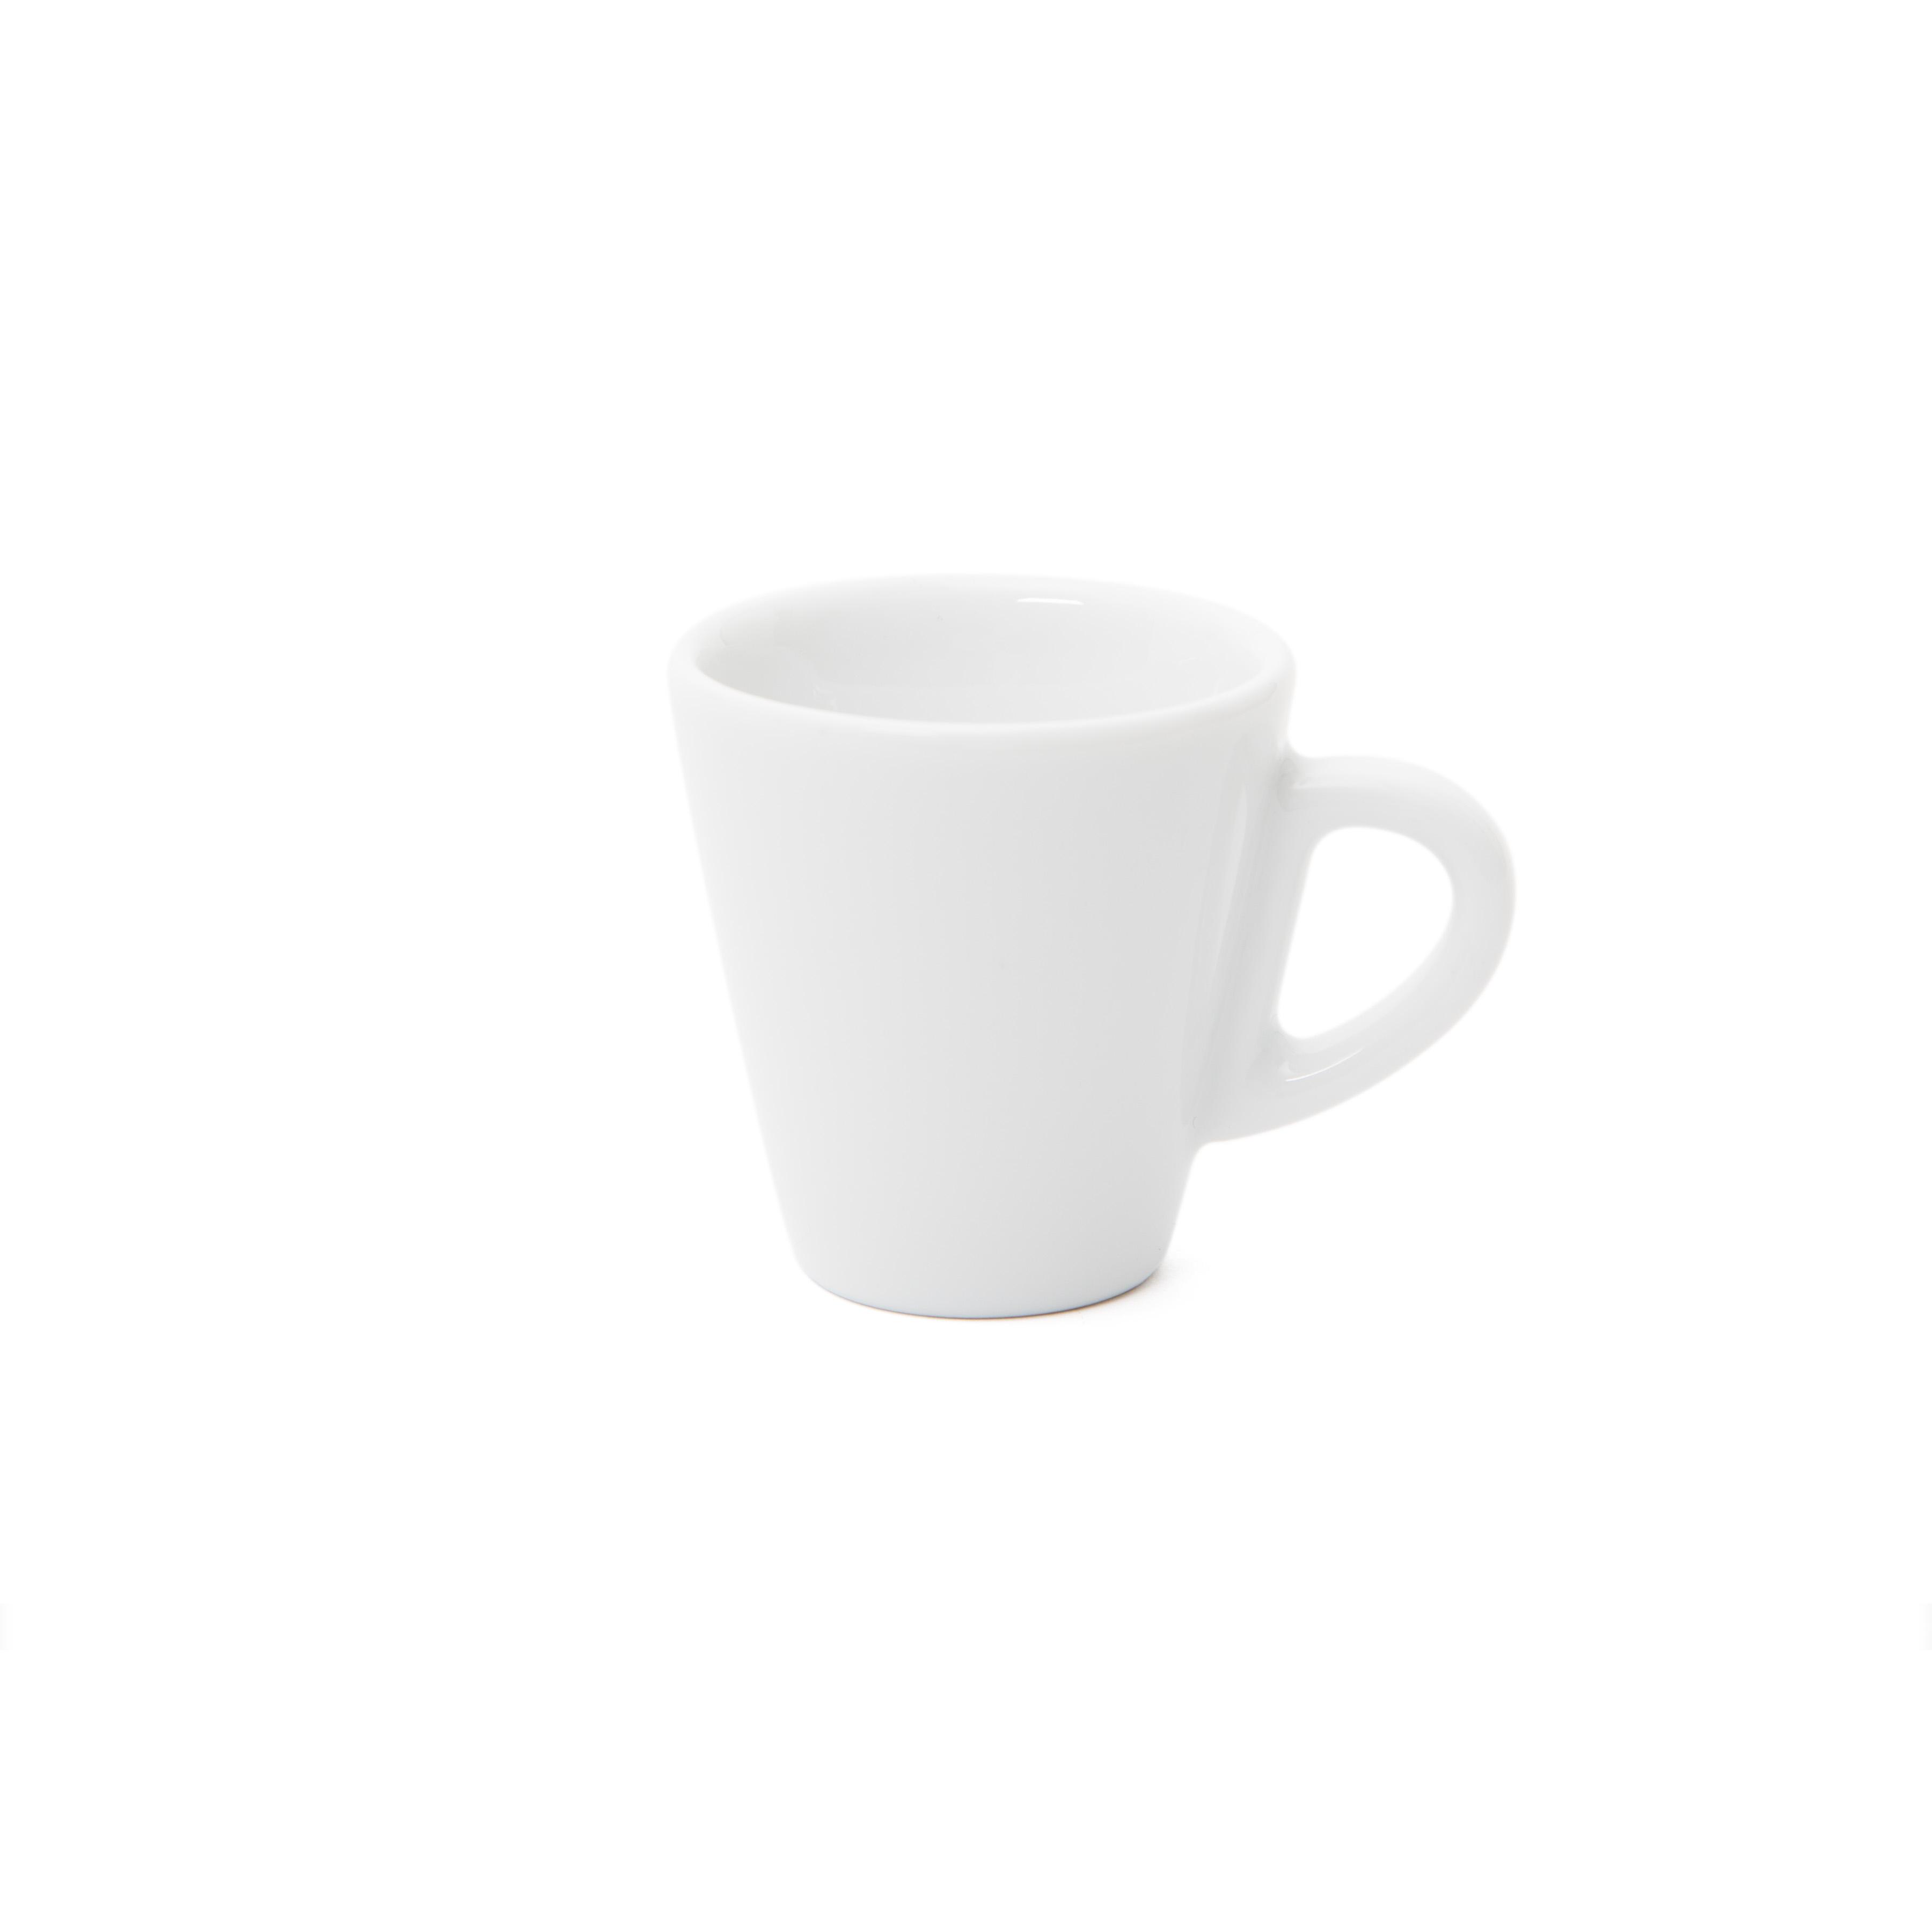 Favorita espresso cup